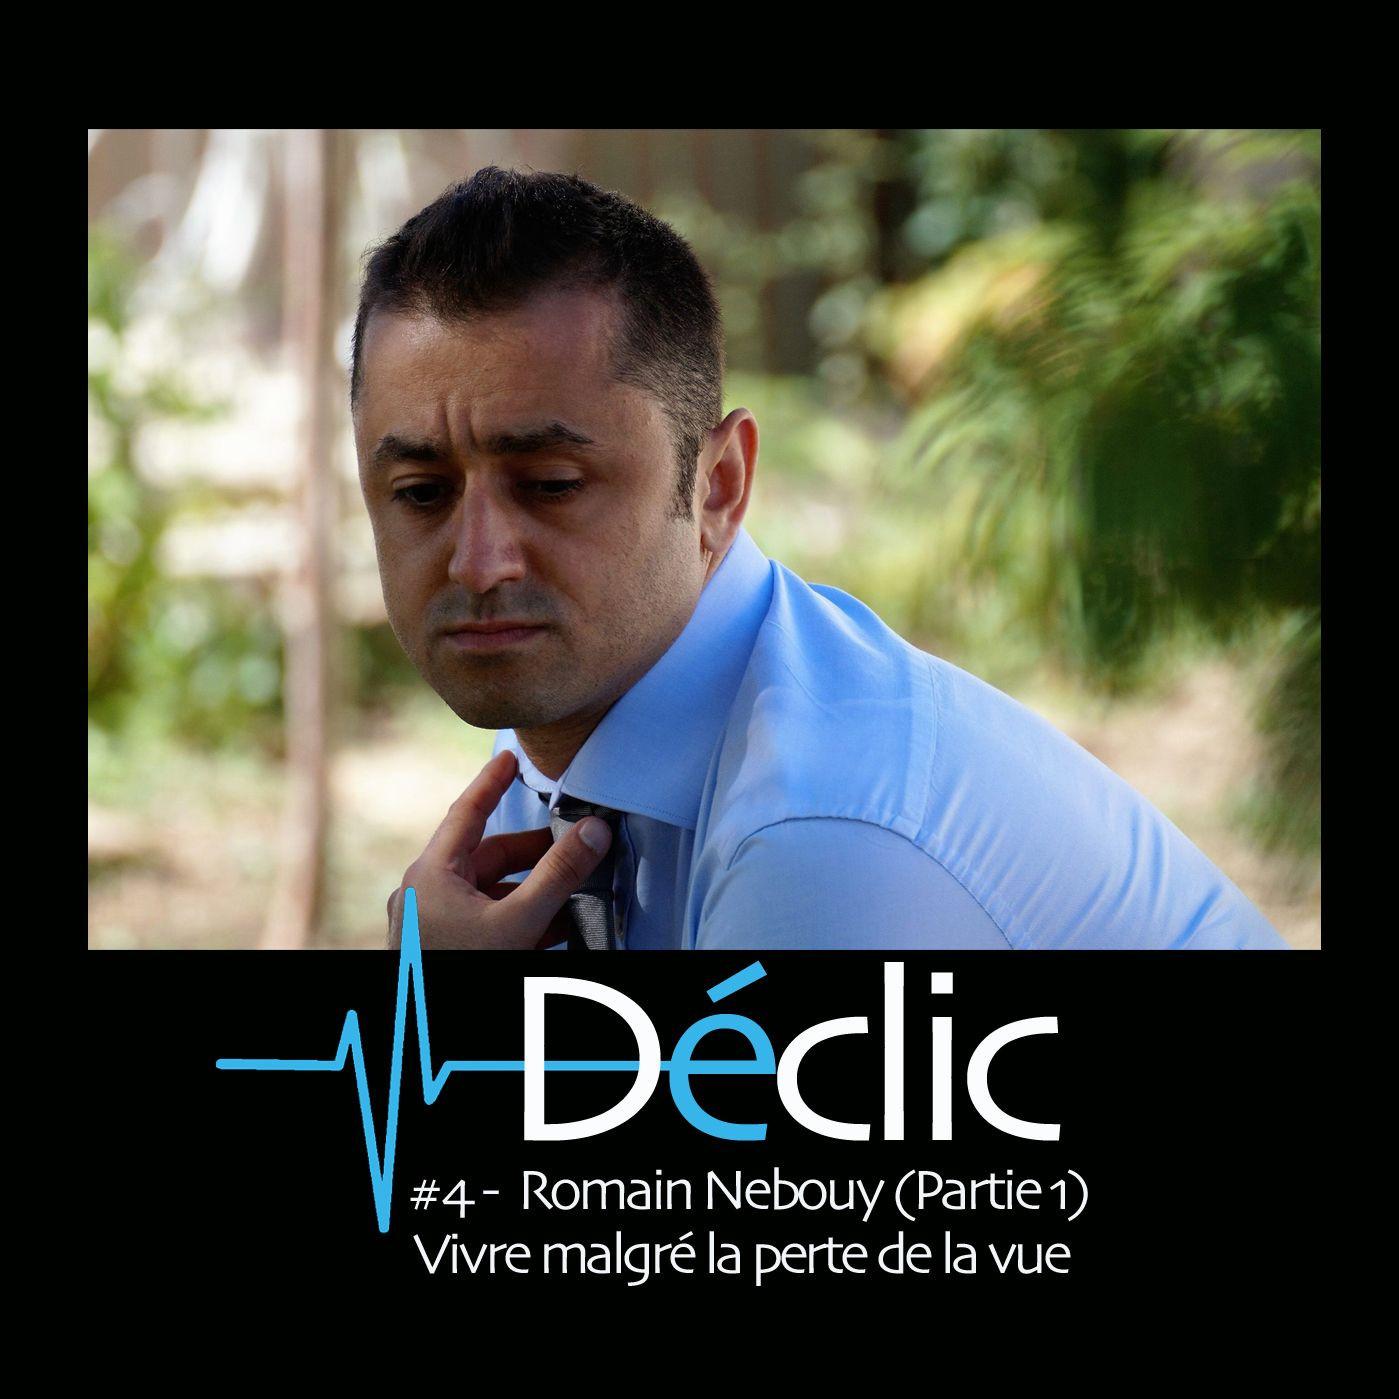 #4 : Romain Nebouy - Vivre malgré la perte de la vue